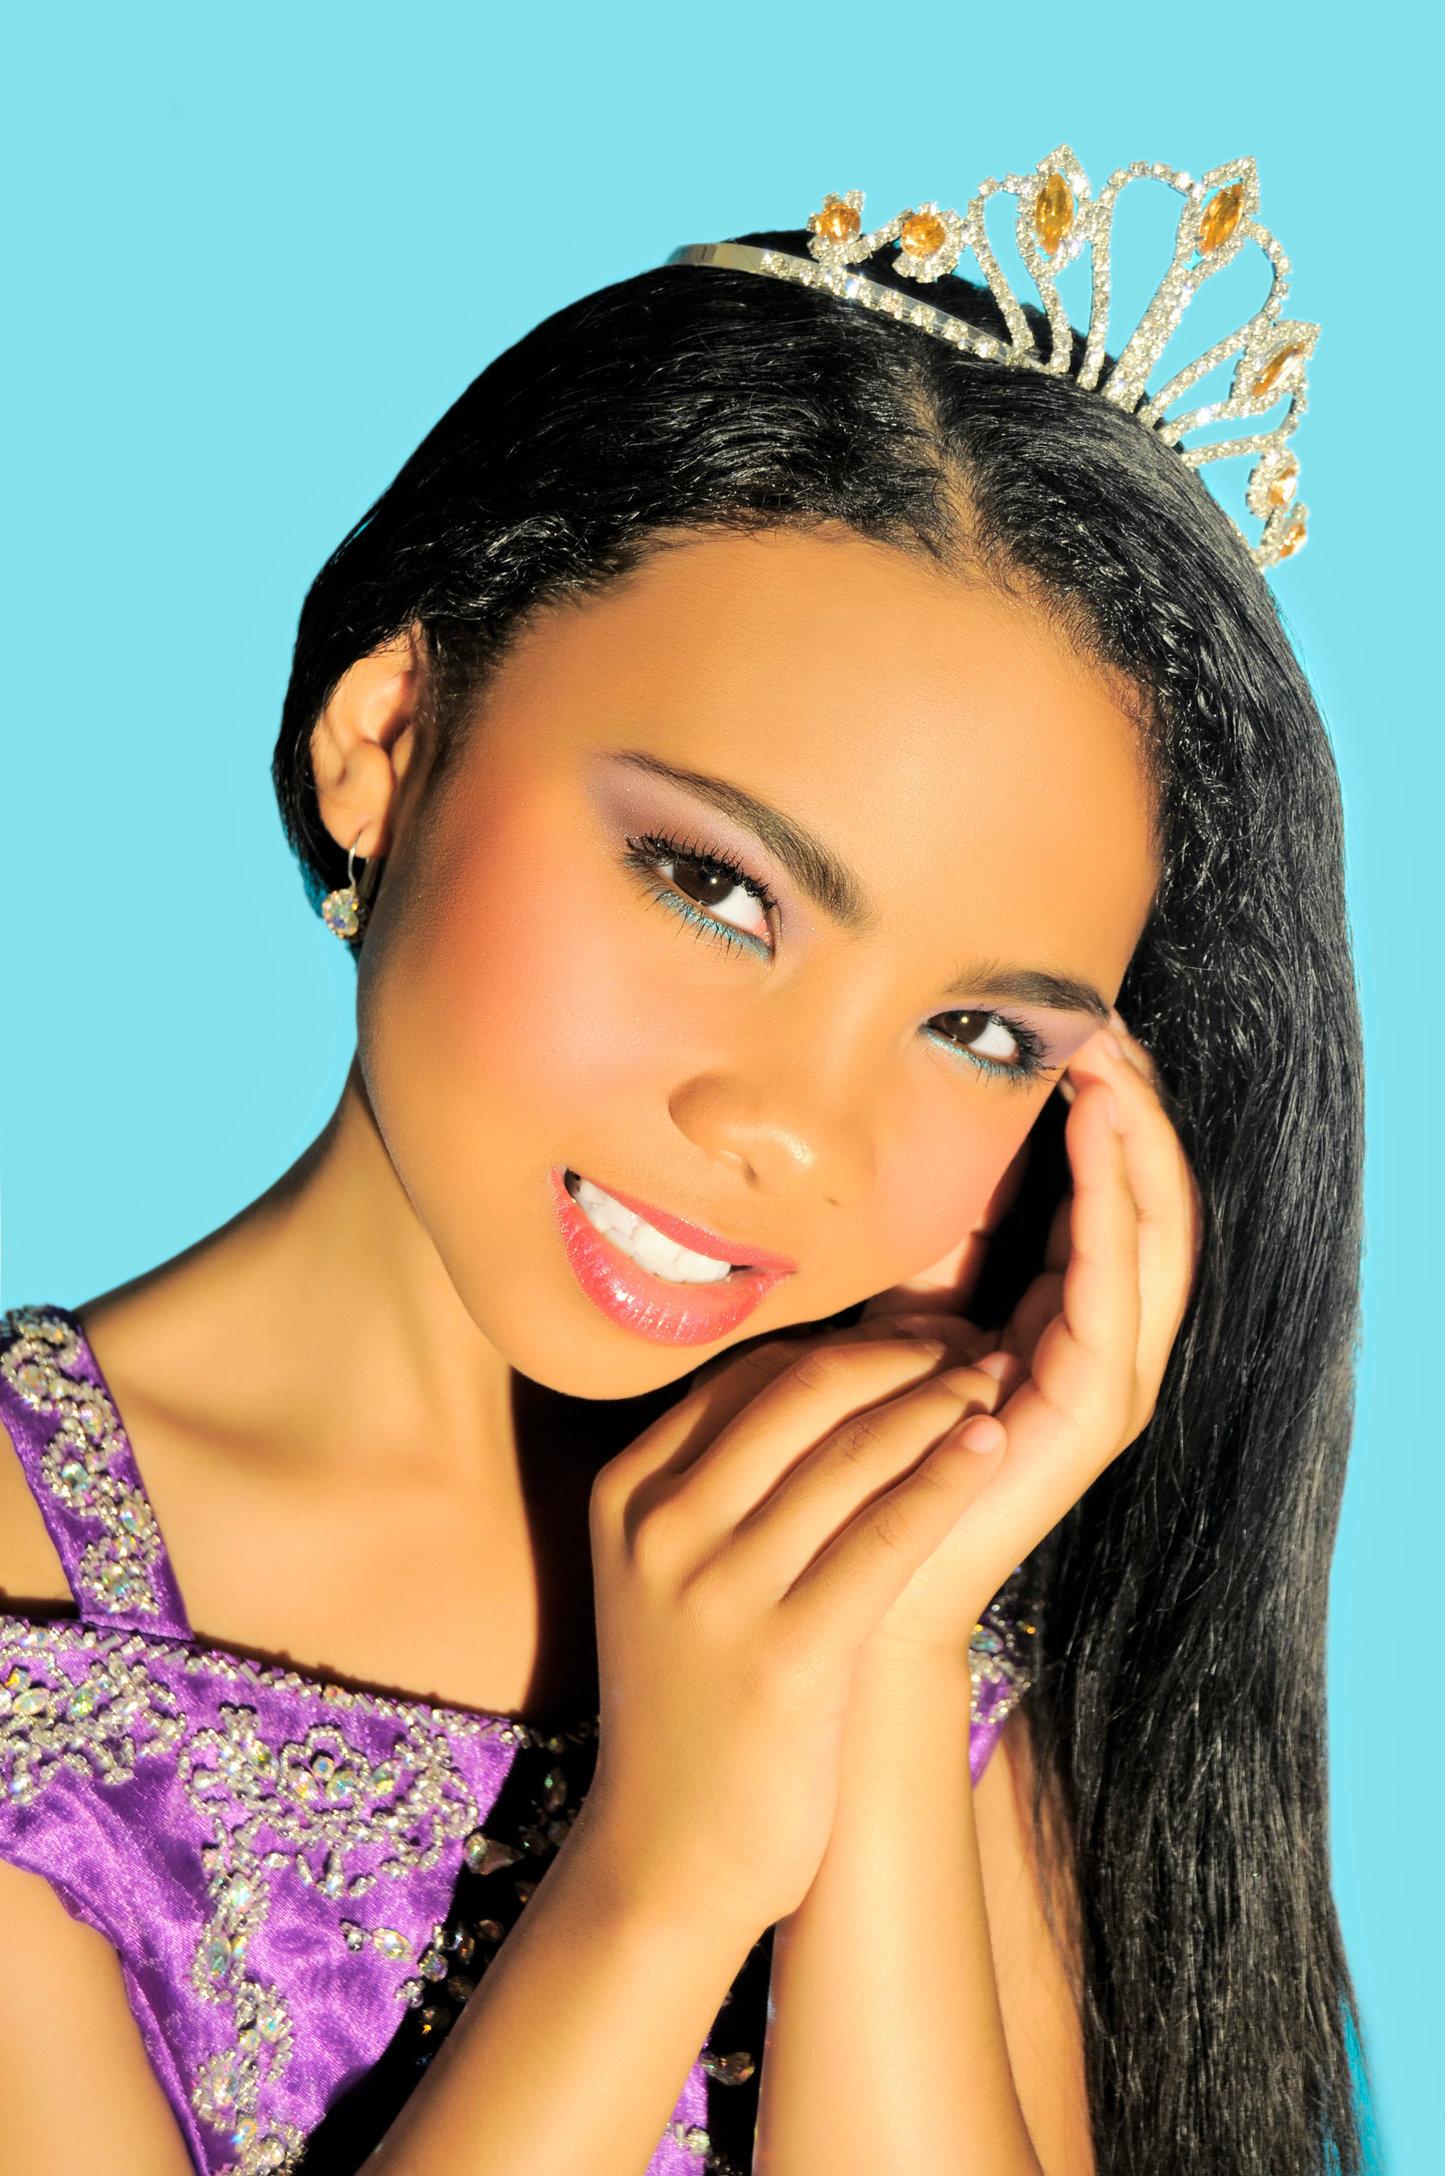 ASHAH- Child  Prima ballerina and Gymnist.